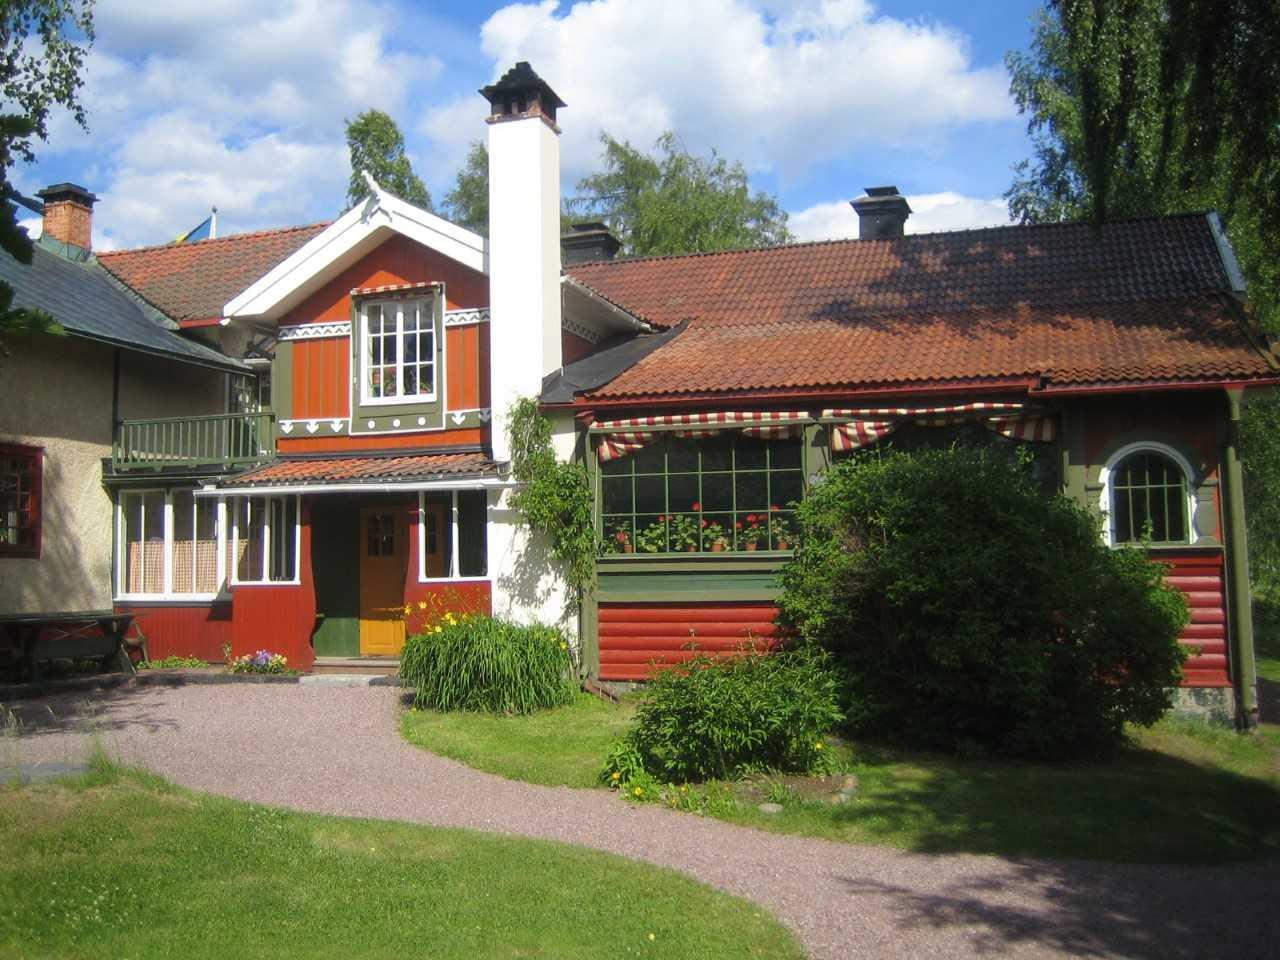 Carl Larsson gården – War välkommen kära du, till Carl